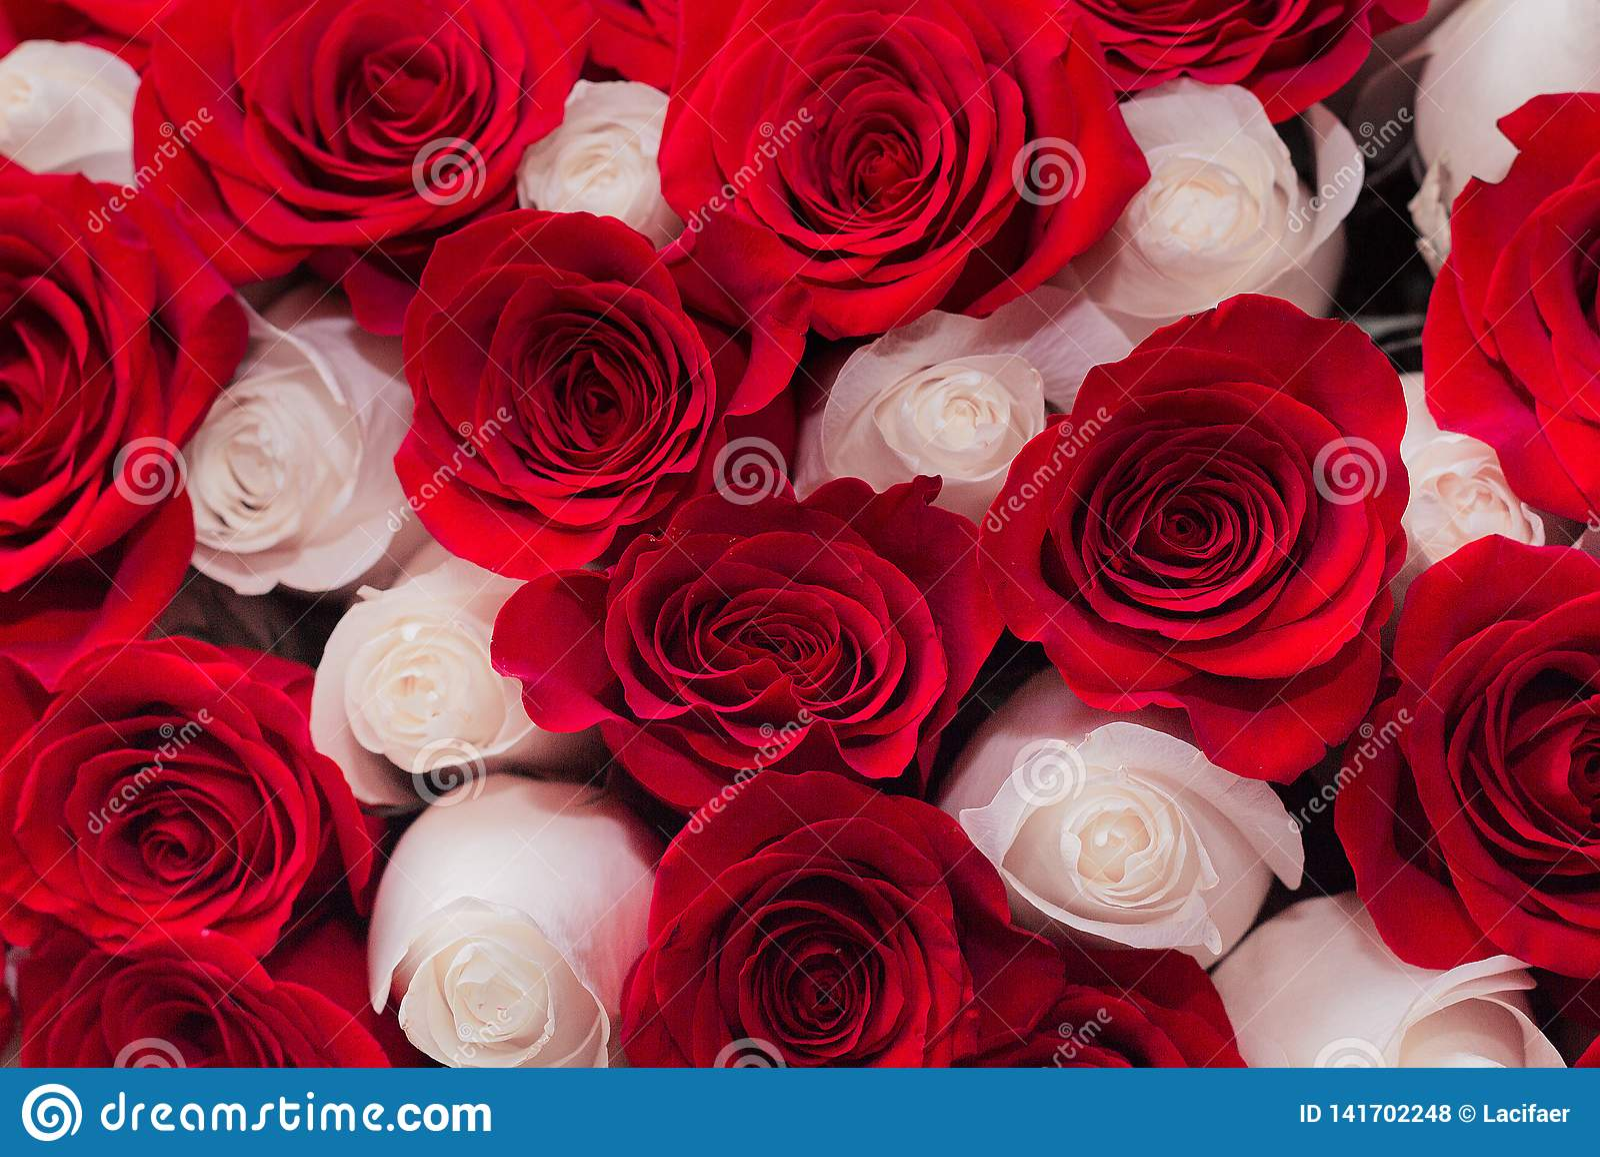 Fundo de rosas vermelhas e brancas